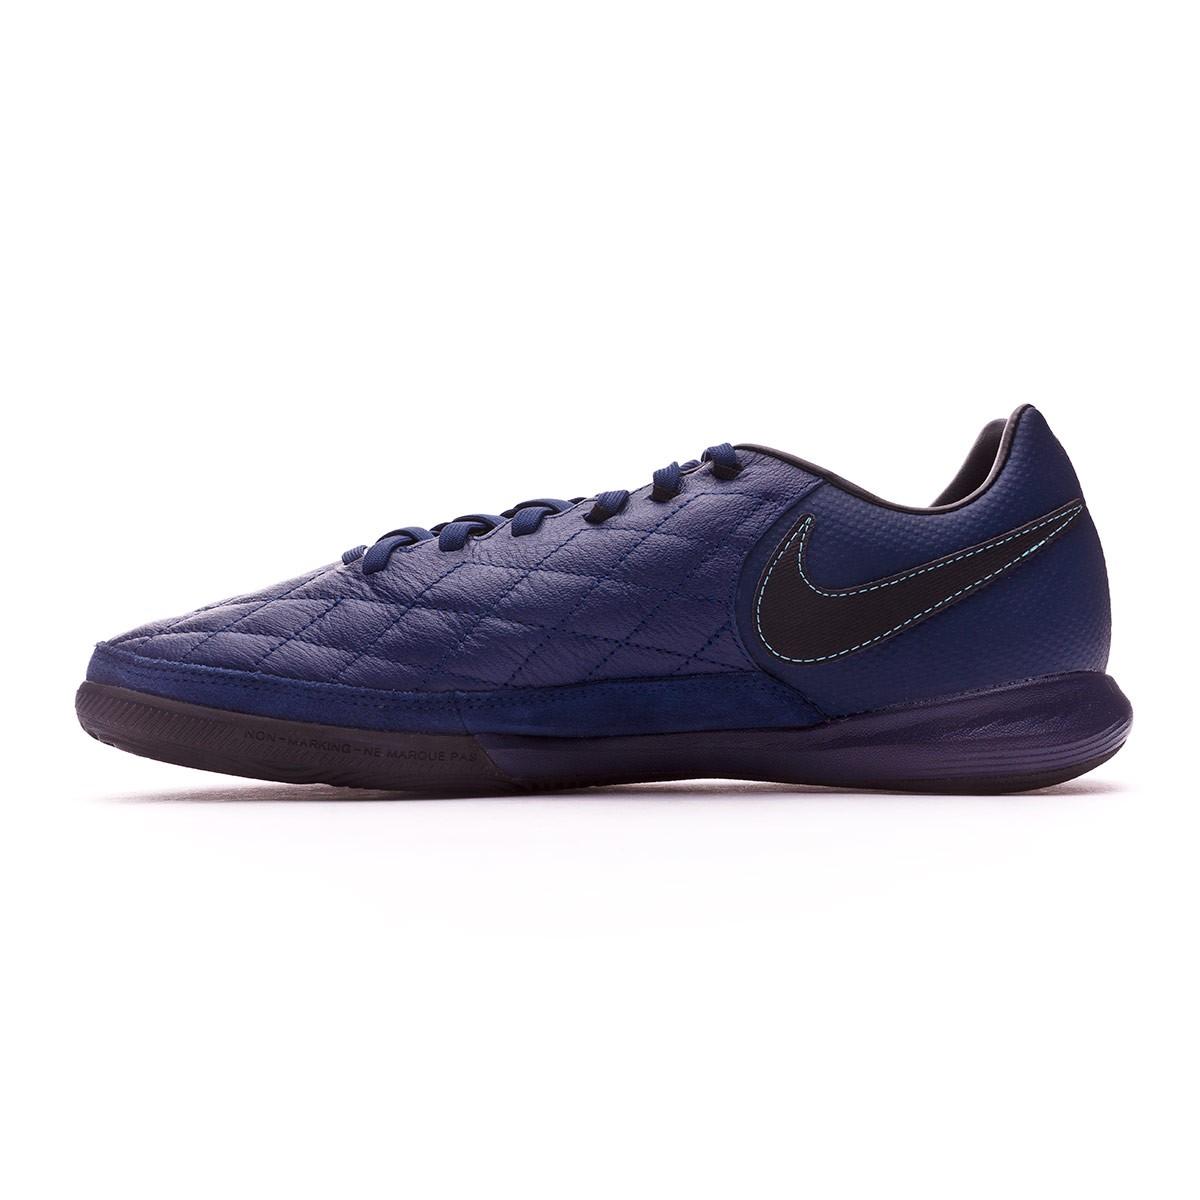 74222959054ef Tenis Nike TiempoX Finale 10R Porto Alegre IC Midnight navy-Black-Lagoon  pulse - Tienda de fútbol Fútbol Emotion